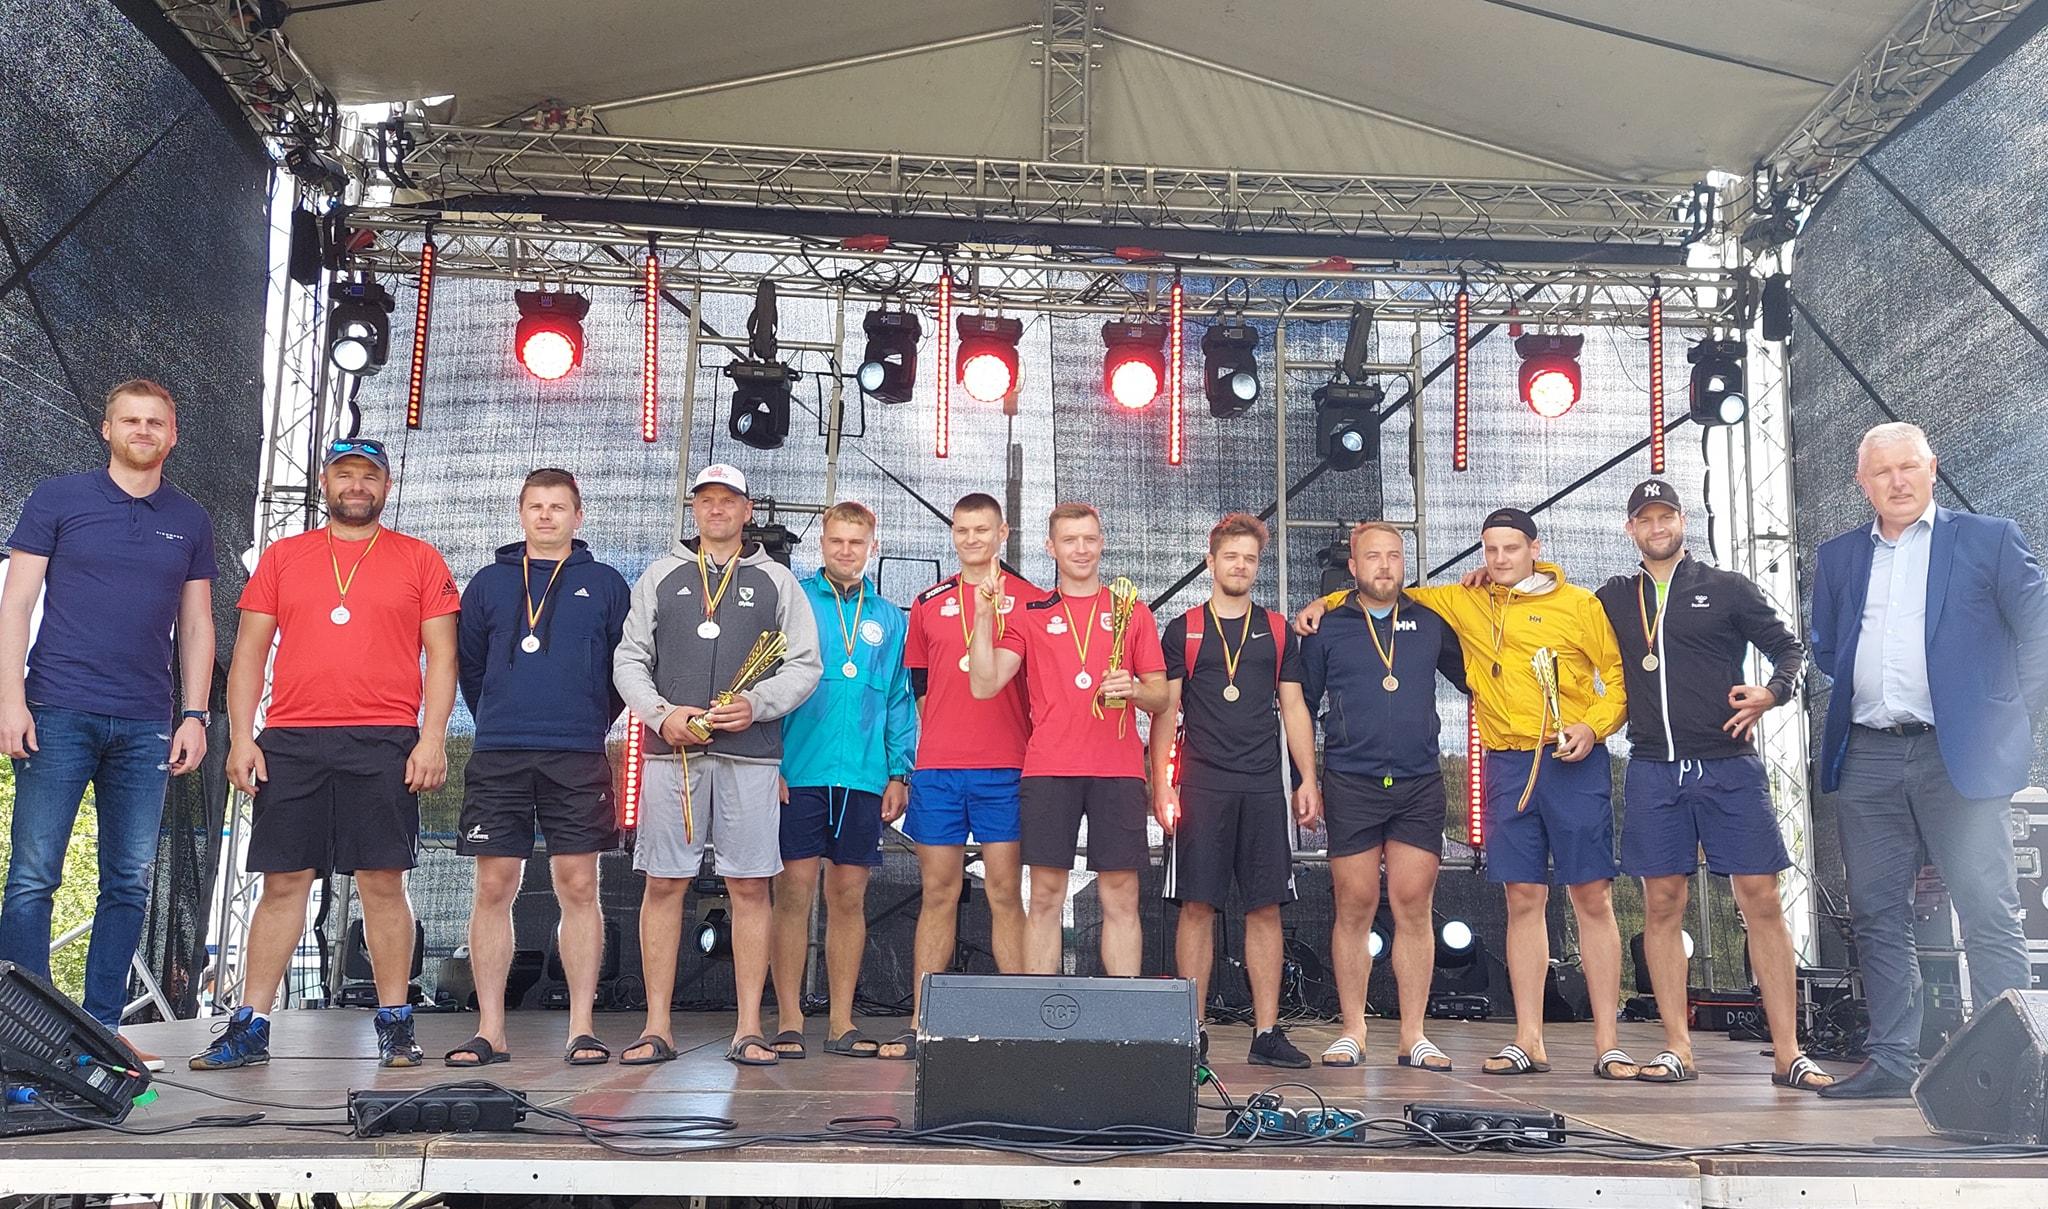 Gargždų miesto gimtadienio sporto renginius vainikavo Klaipėdos rajono seniūnijų varžybos